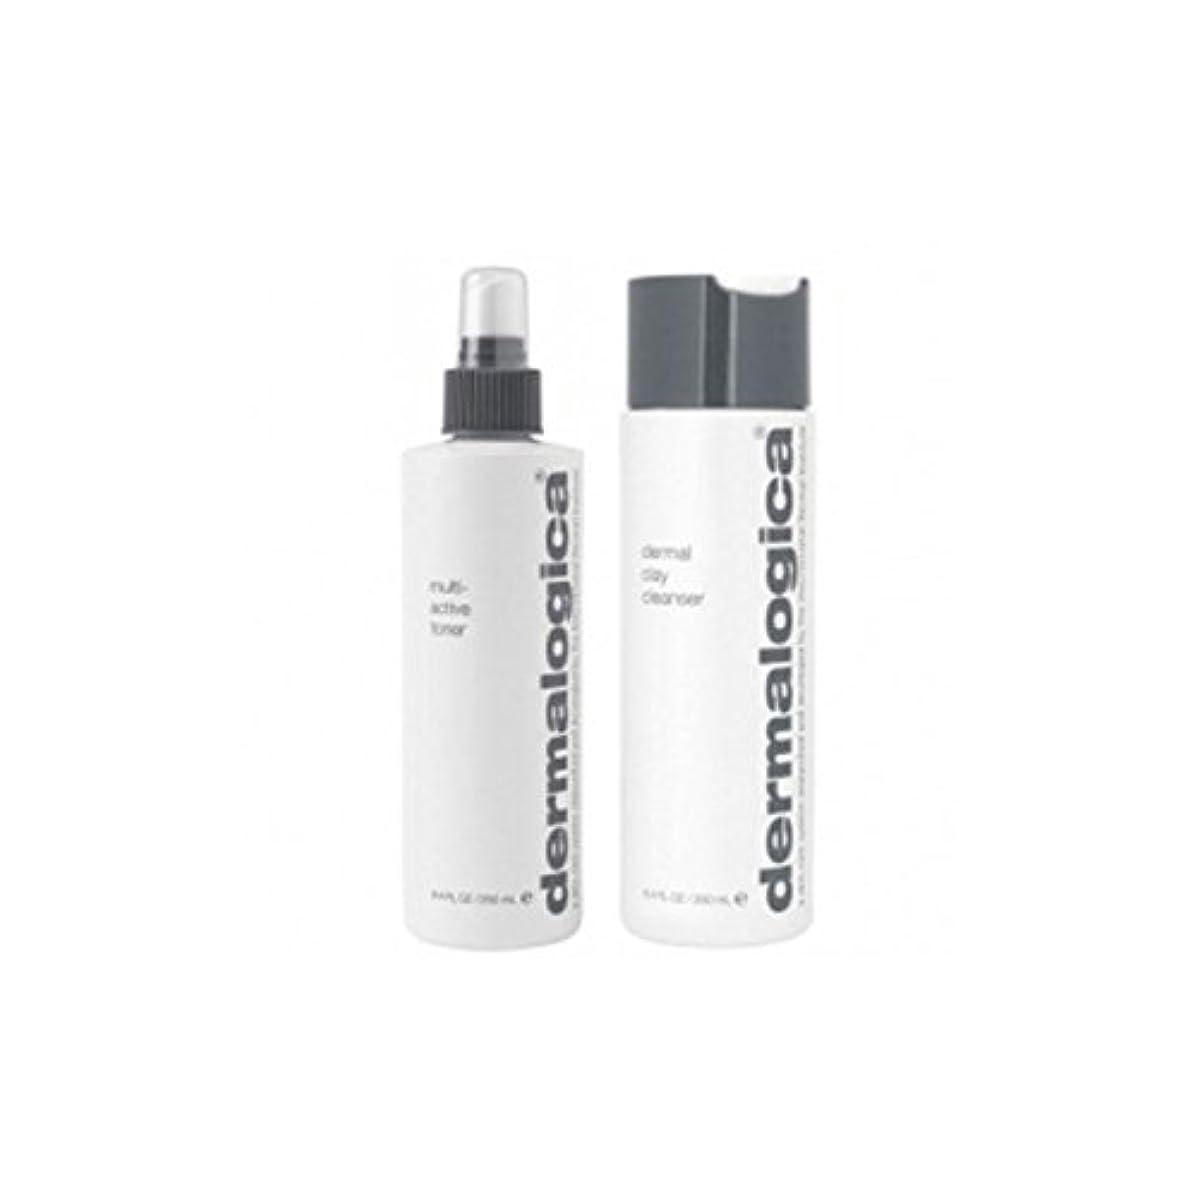 却下する連続的猛烈なDermalogica Cleanse & Tone Duo - Oily Skin (2 Products) (Pack of 6) - ダーマロジカクレンジング&トーンデュオ - 脂性肌(2製品) x6 [並行輸入品]